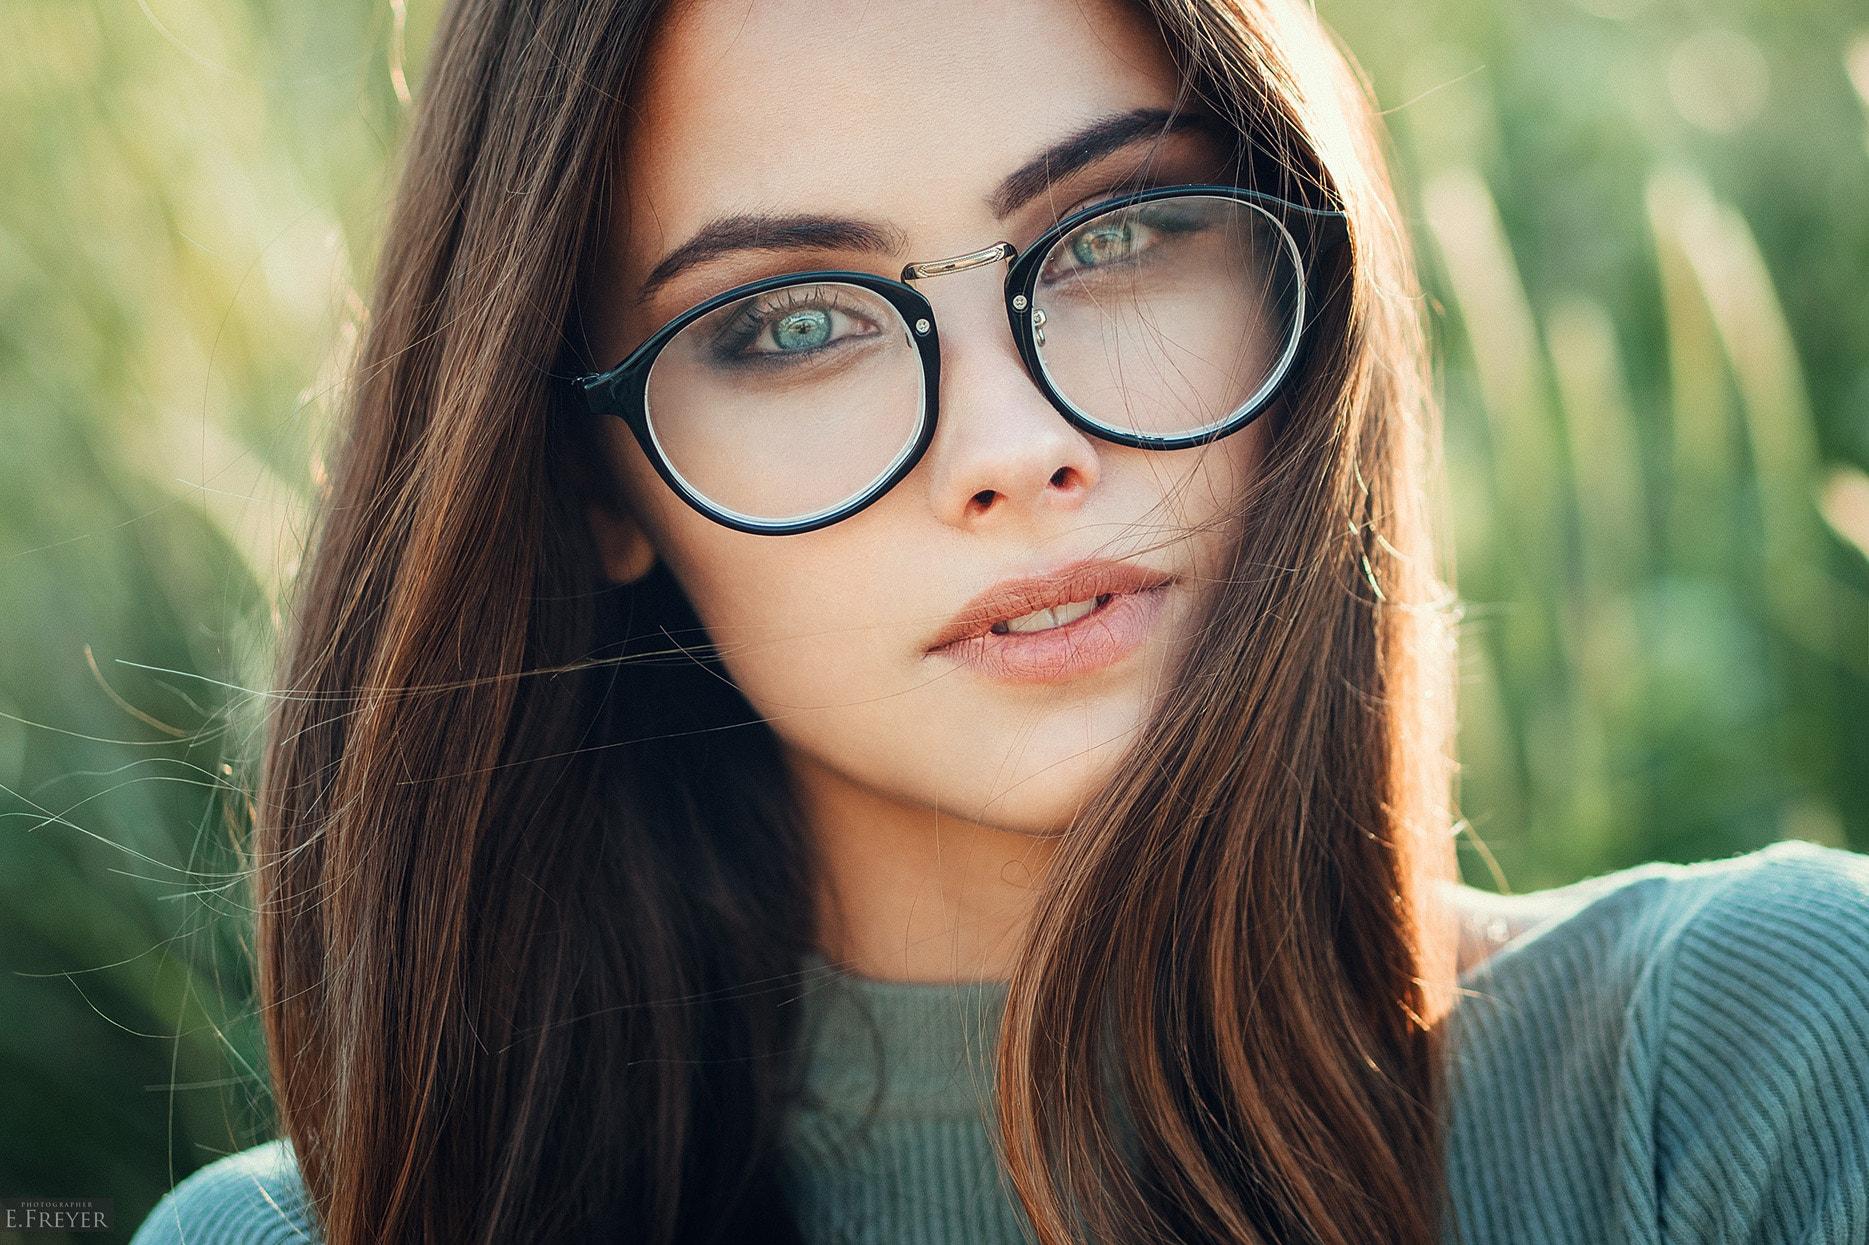 Bilder von brünette Frauen